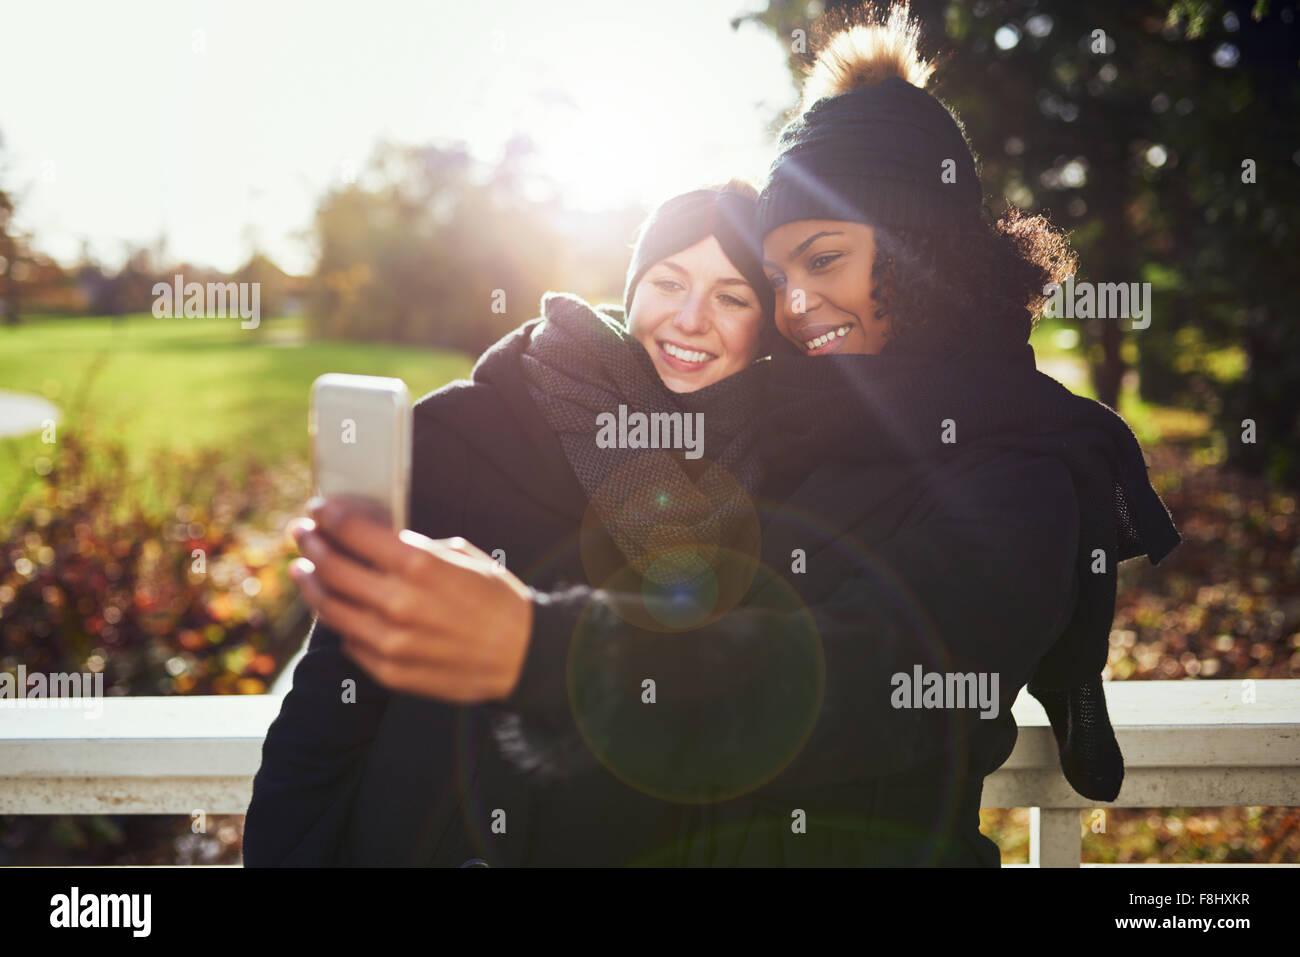 Zwei lächelnde junge Frauen, die die Selfie gegen herbstliche Park Stockbild